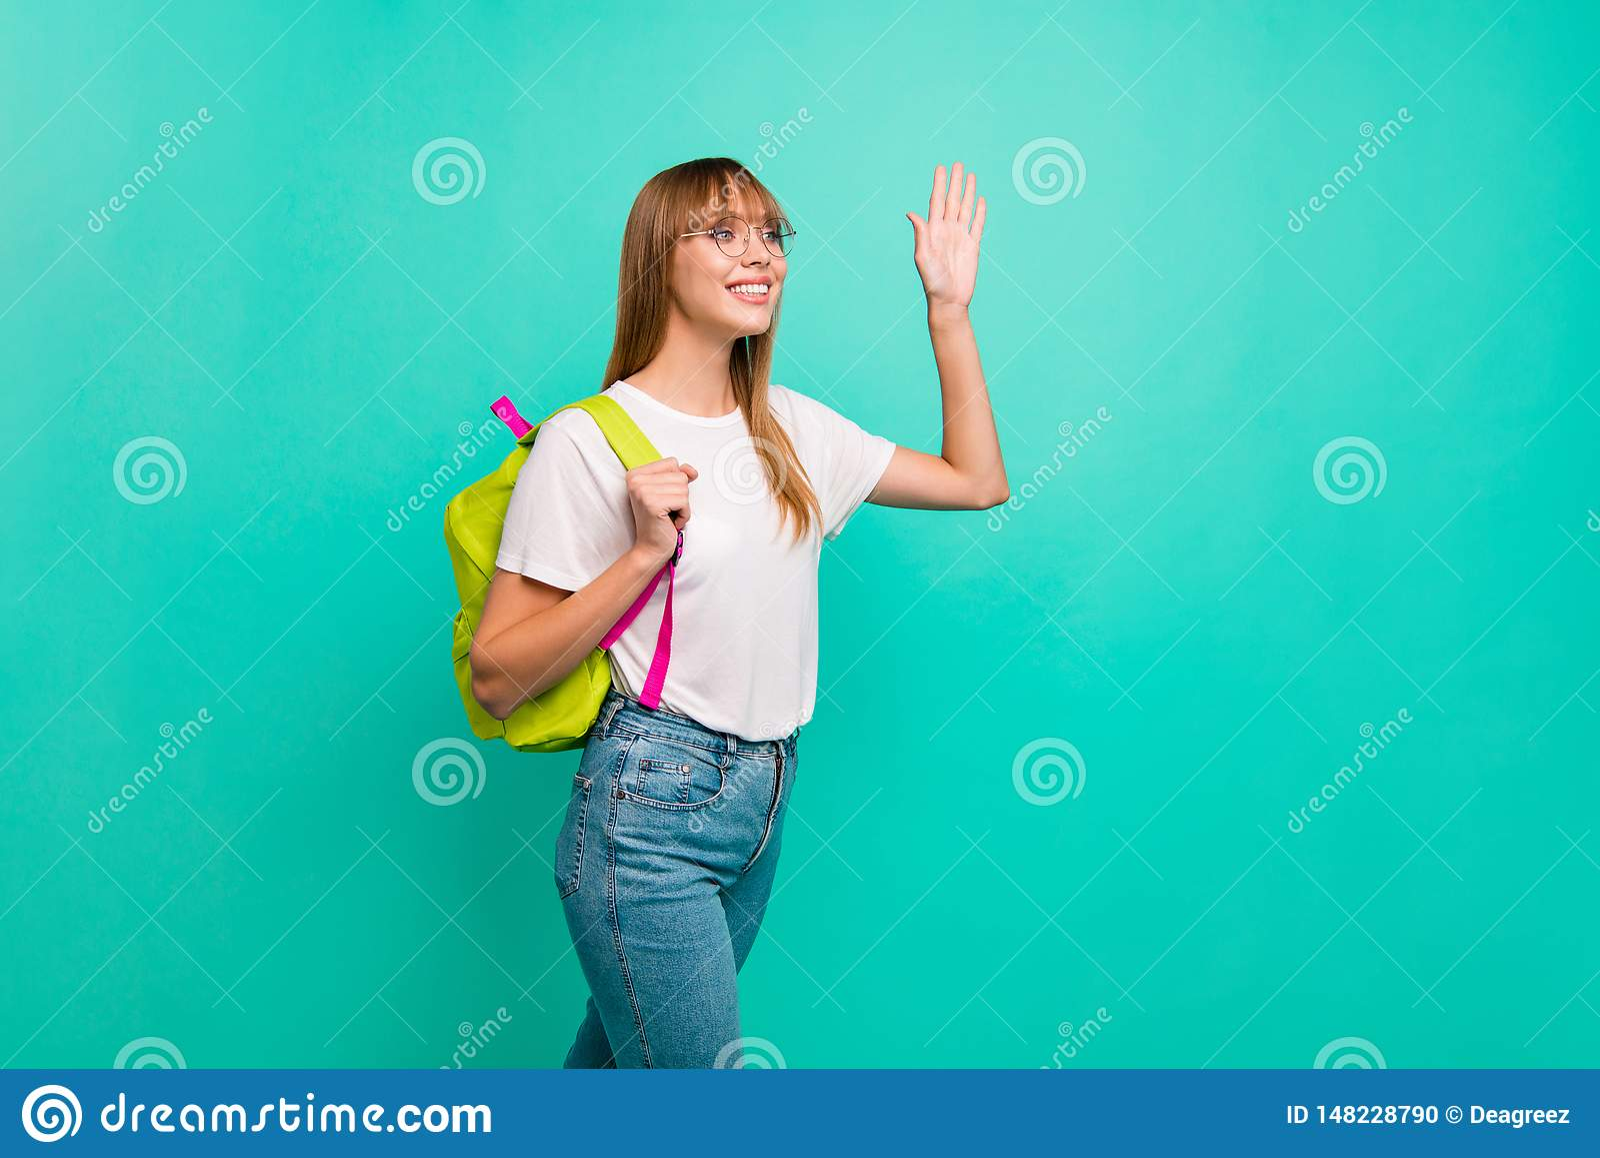 Sluit omhoog zij mooie profielfoto zij haar dame de moderne rugzak die klasgenoten groupmates klassen ontmoet die lucht golven ga